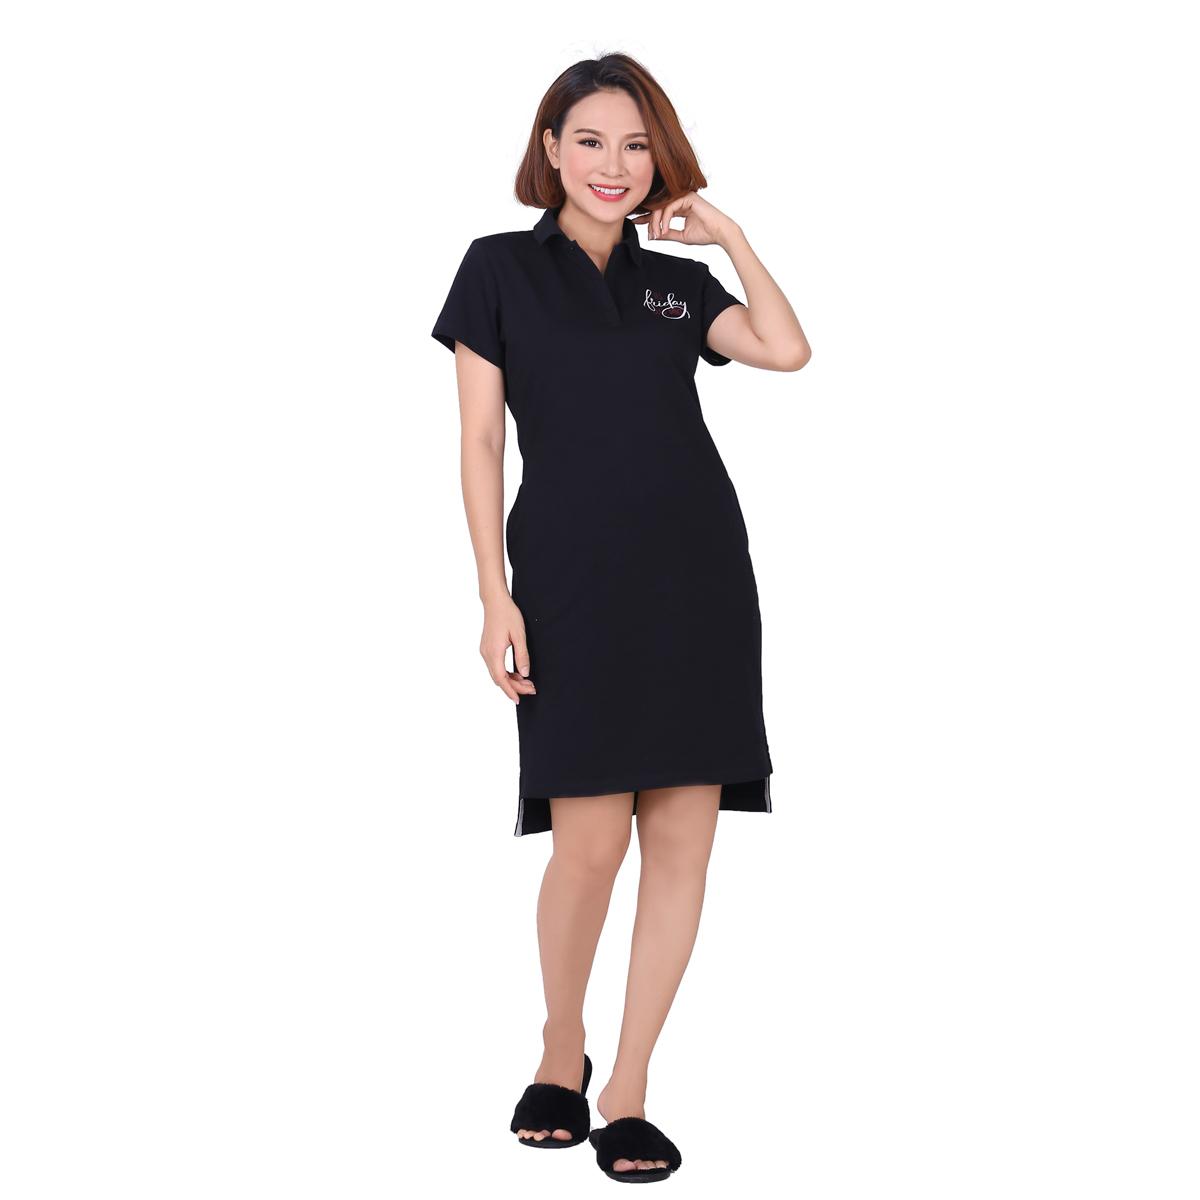 Váy đầm áo đầm tay ngắn cotton 14cp 3849